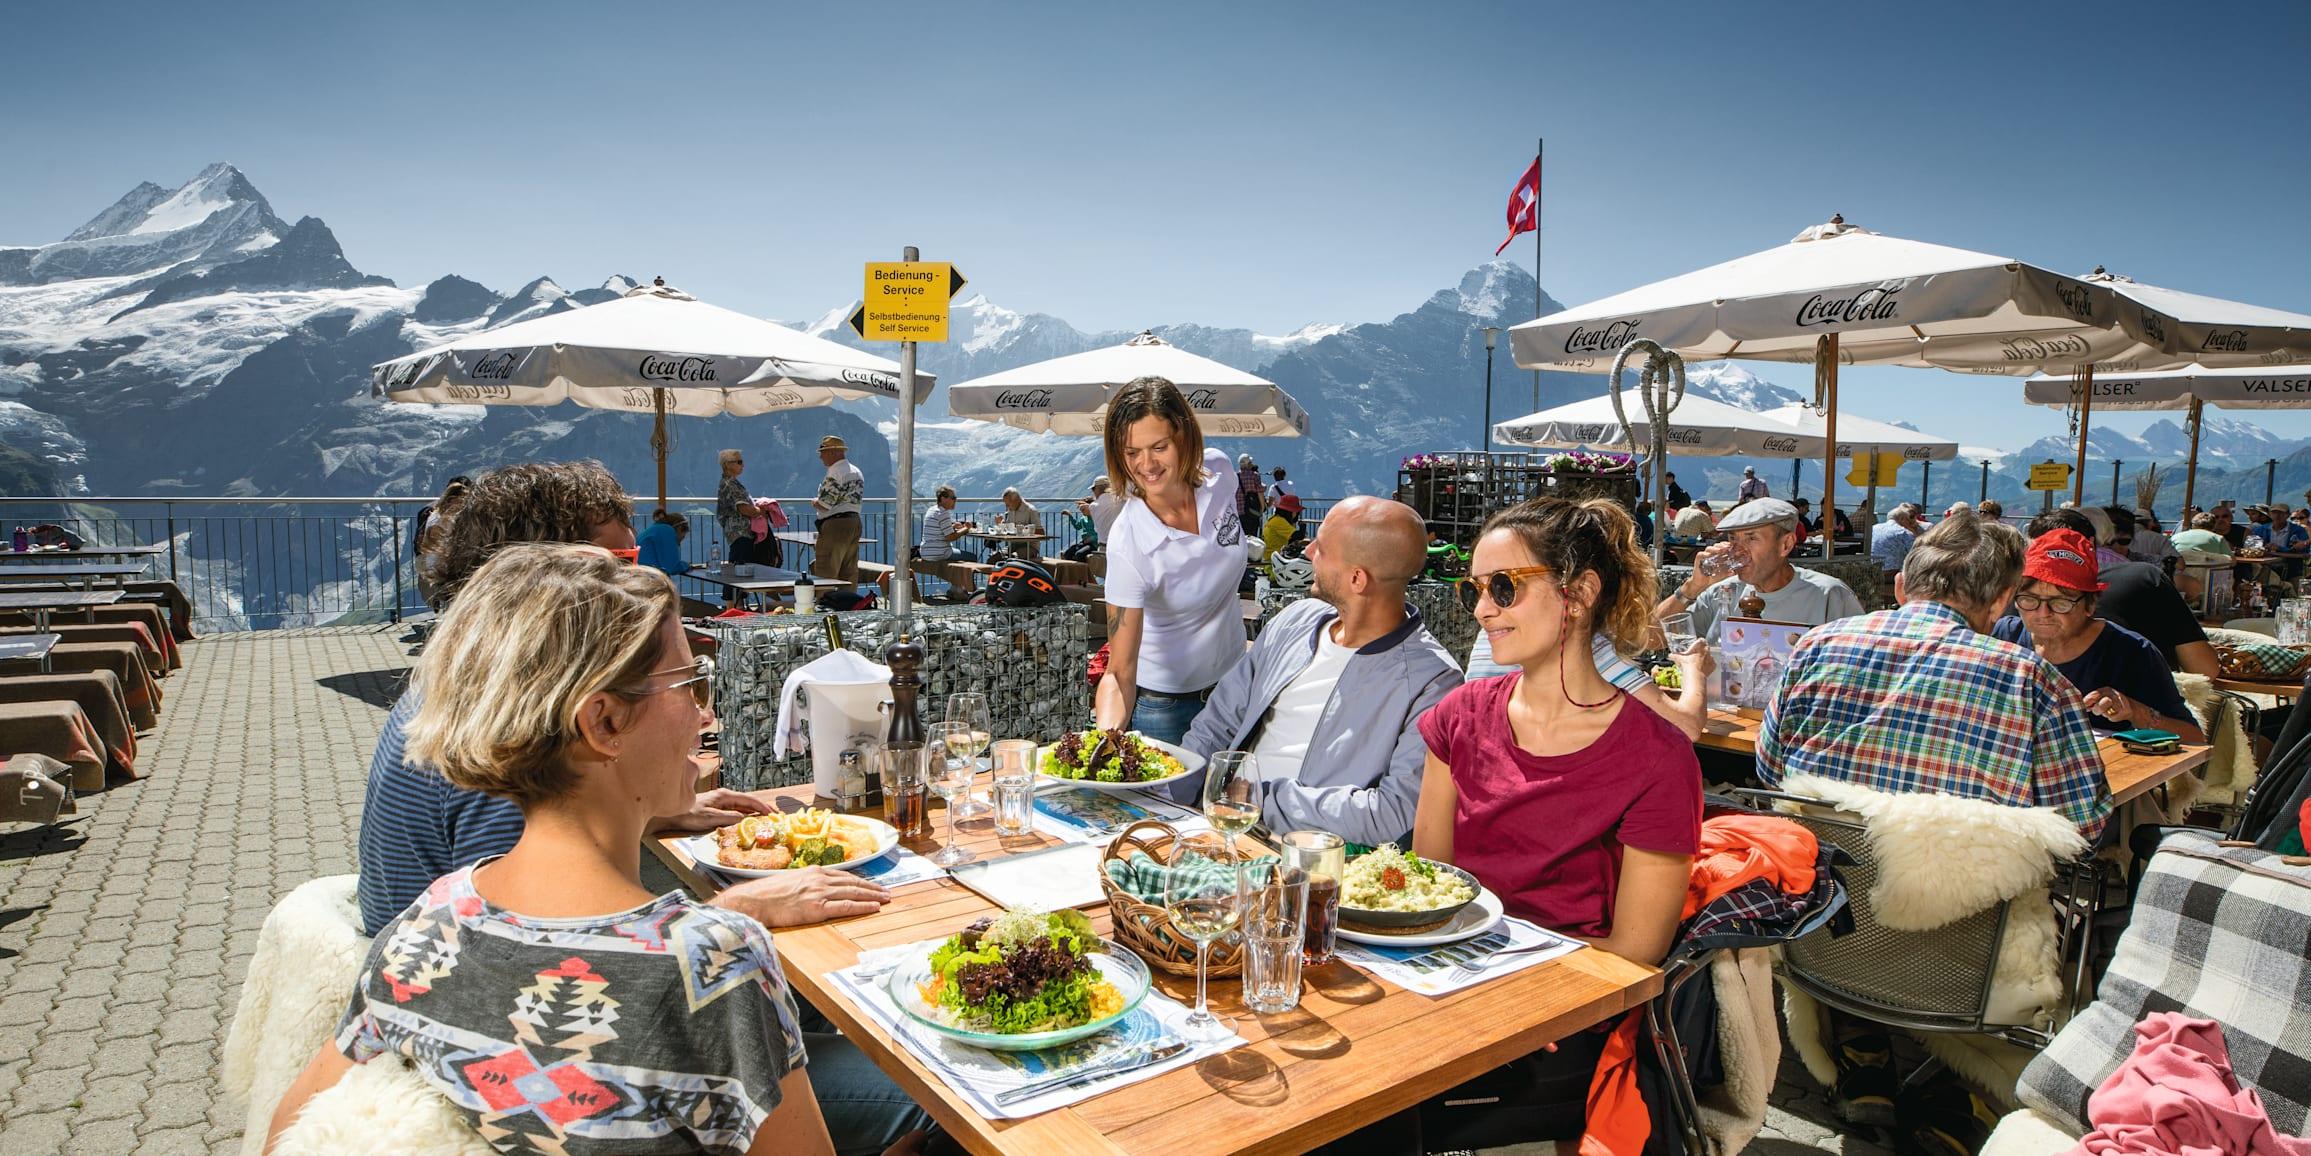 Grindelwald First Bergrestaurant First Personen erhalten Essen